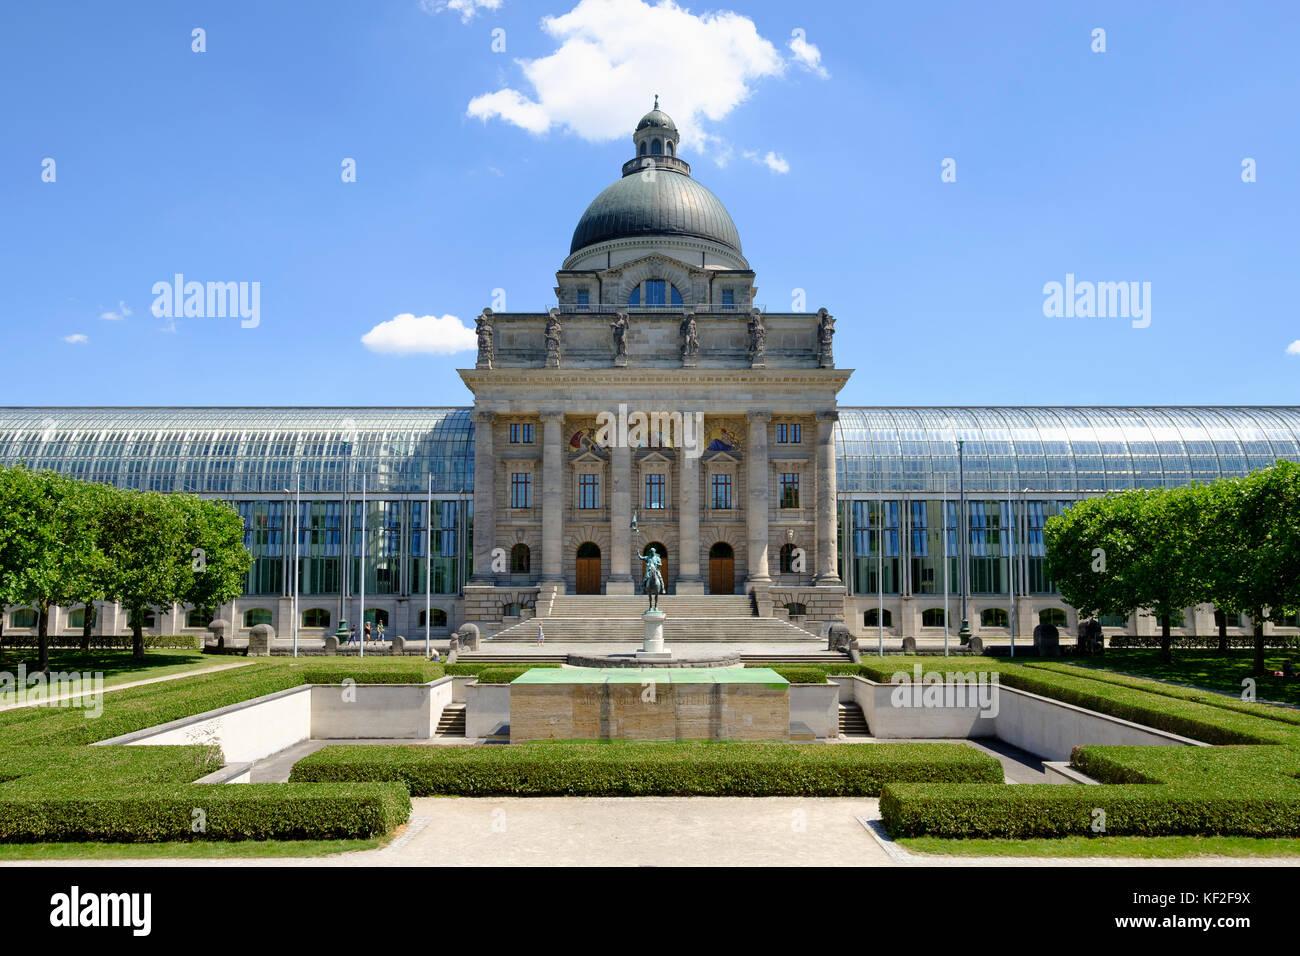 Bayerische Staatskanzlei am Hofgarten, Altstadt, München, Oberbayern, Bayern, Deutschland - Stock Image